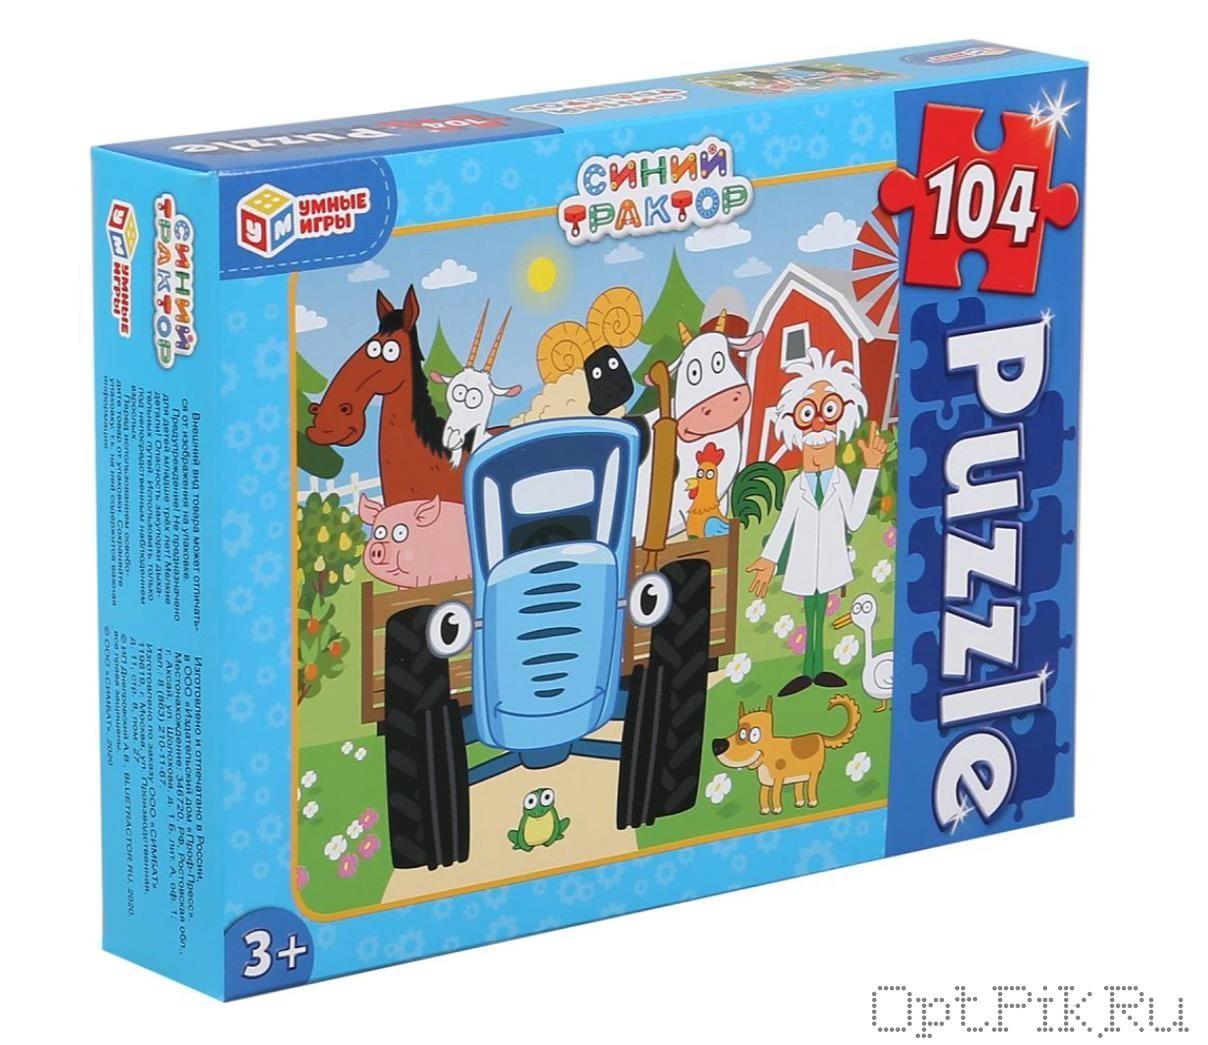 Пазлы - Синий трактор, 104 детали